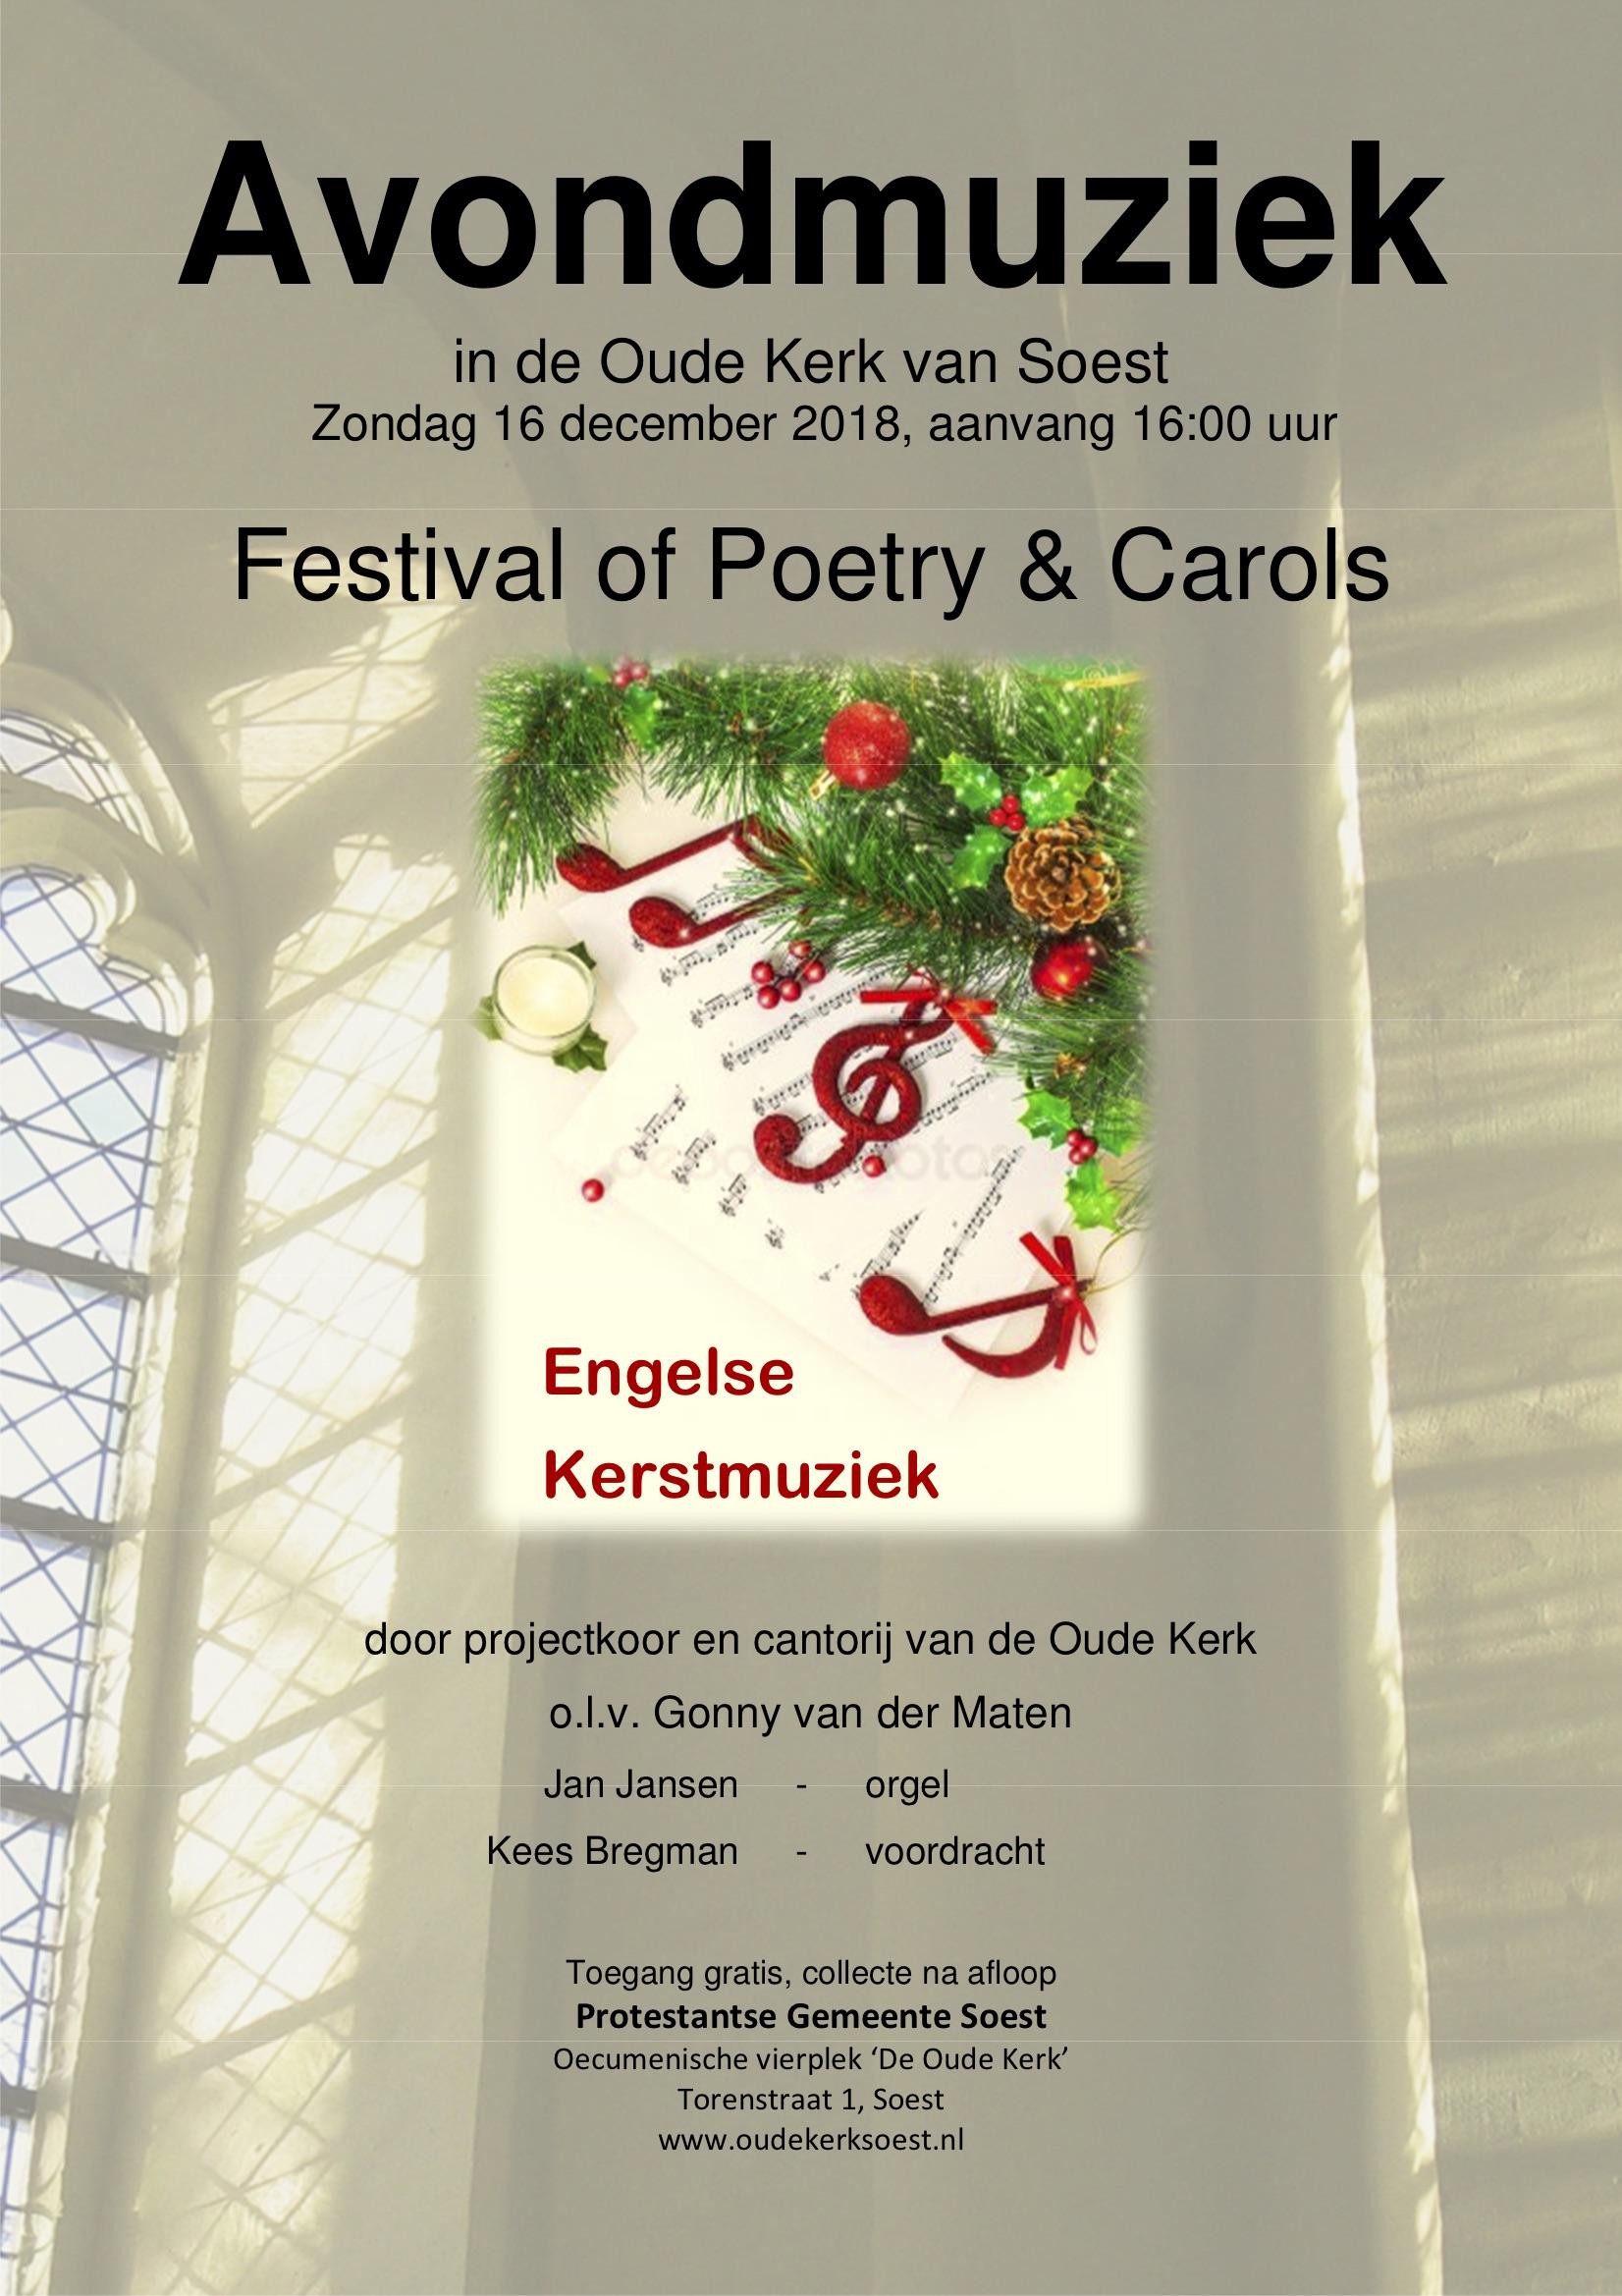 Festival of Poetry & Carols @ Oude Kerk | Soest | Utrecht | Nederland